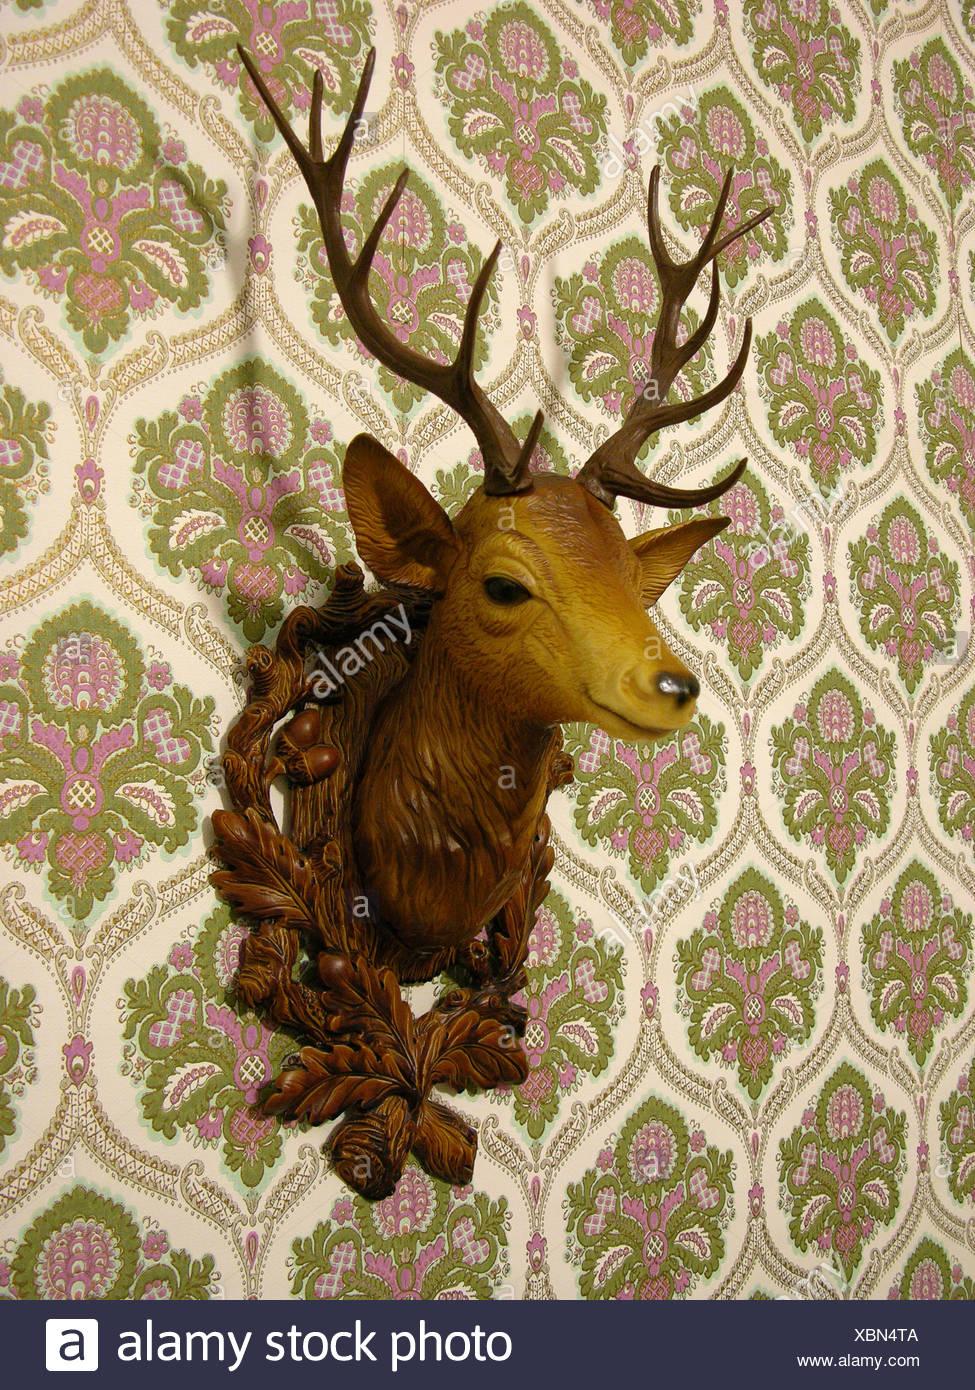 Tête de cerf en plastique sur un vieux papier peint Photo Stock